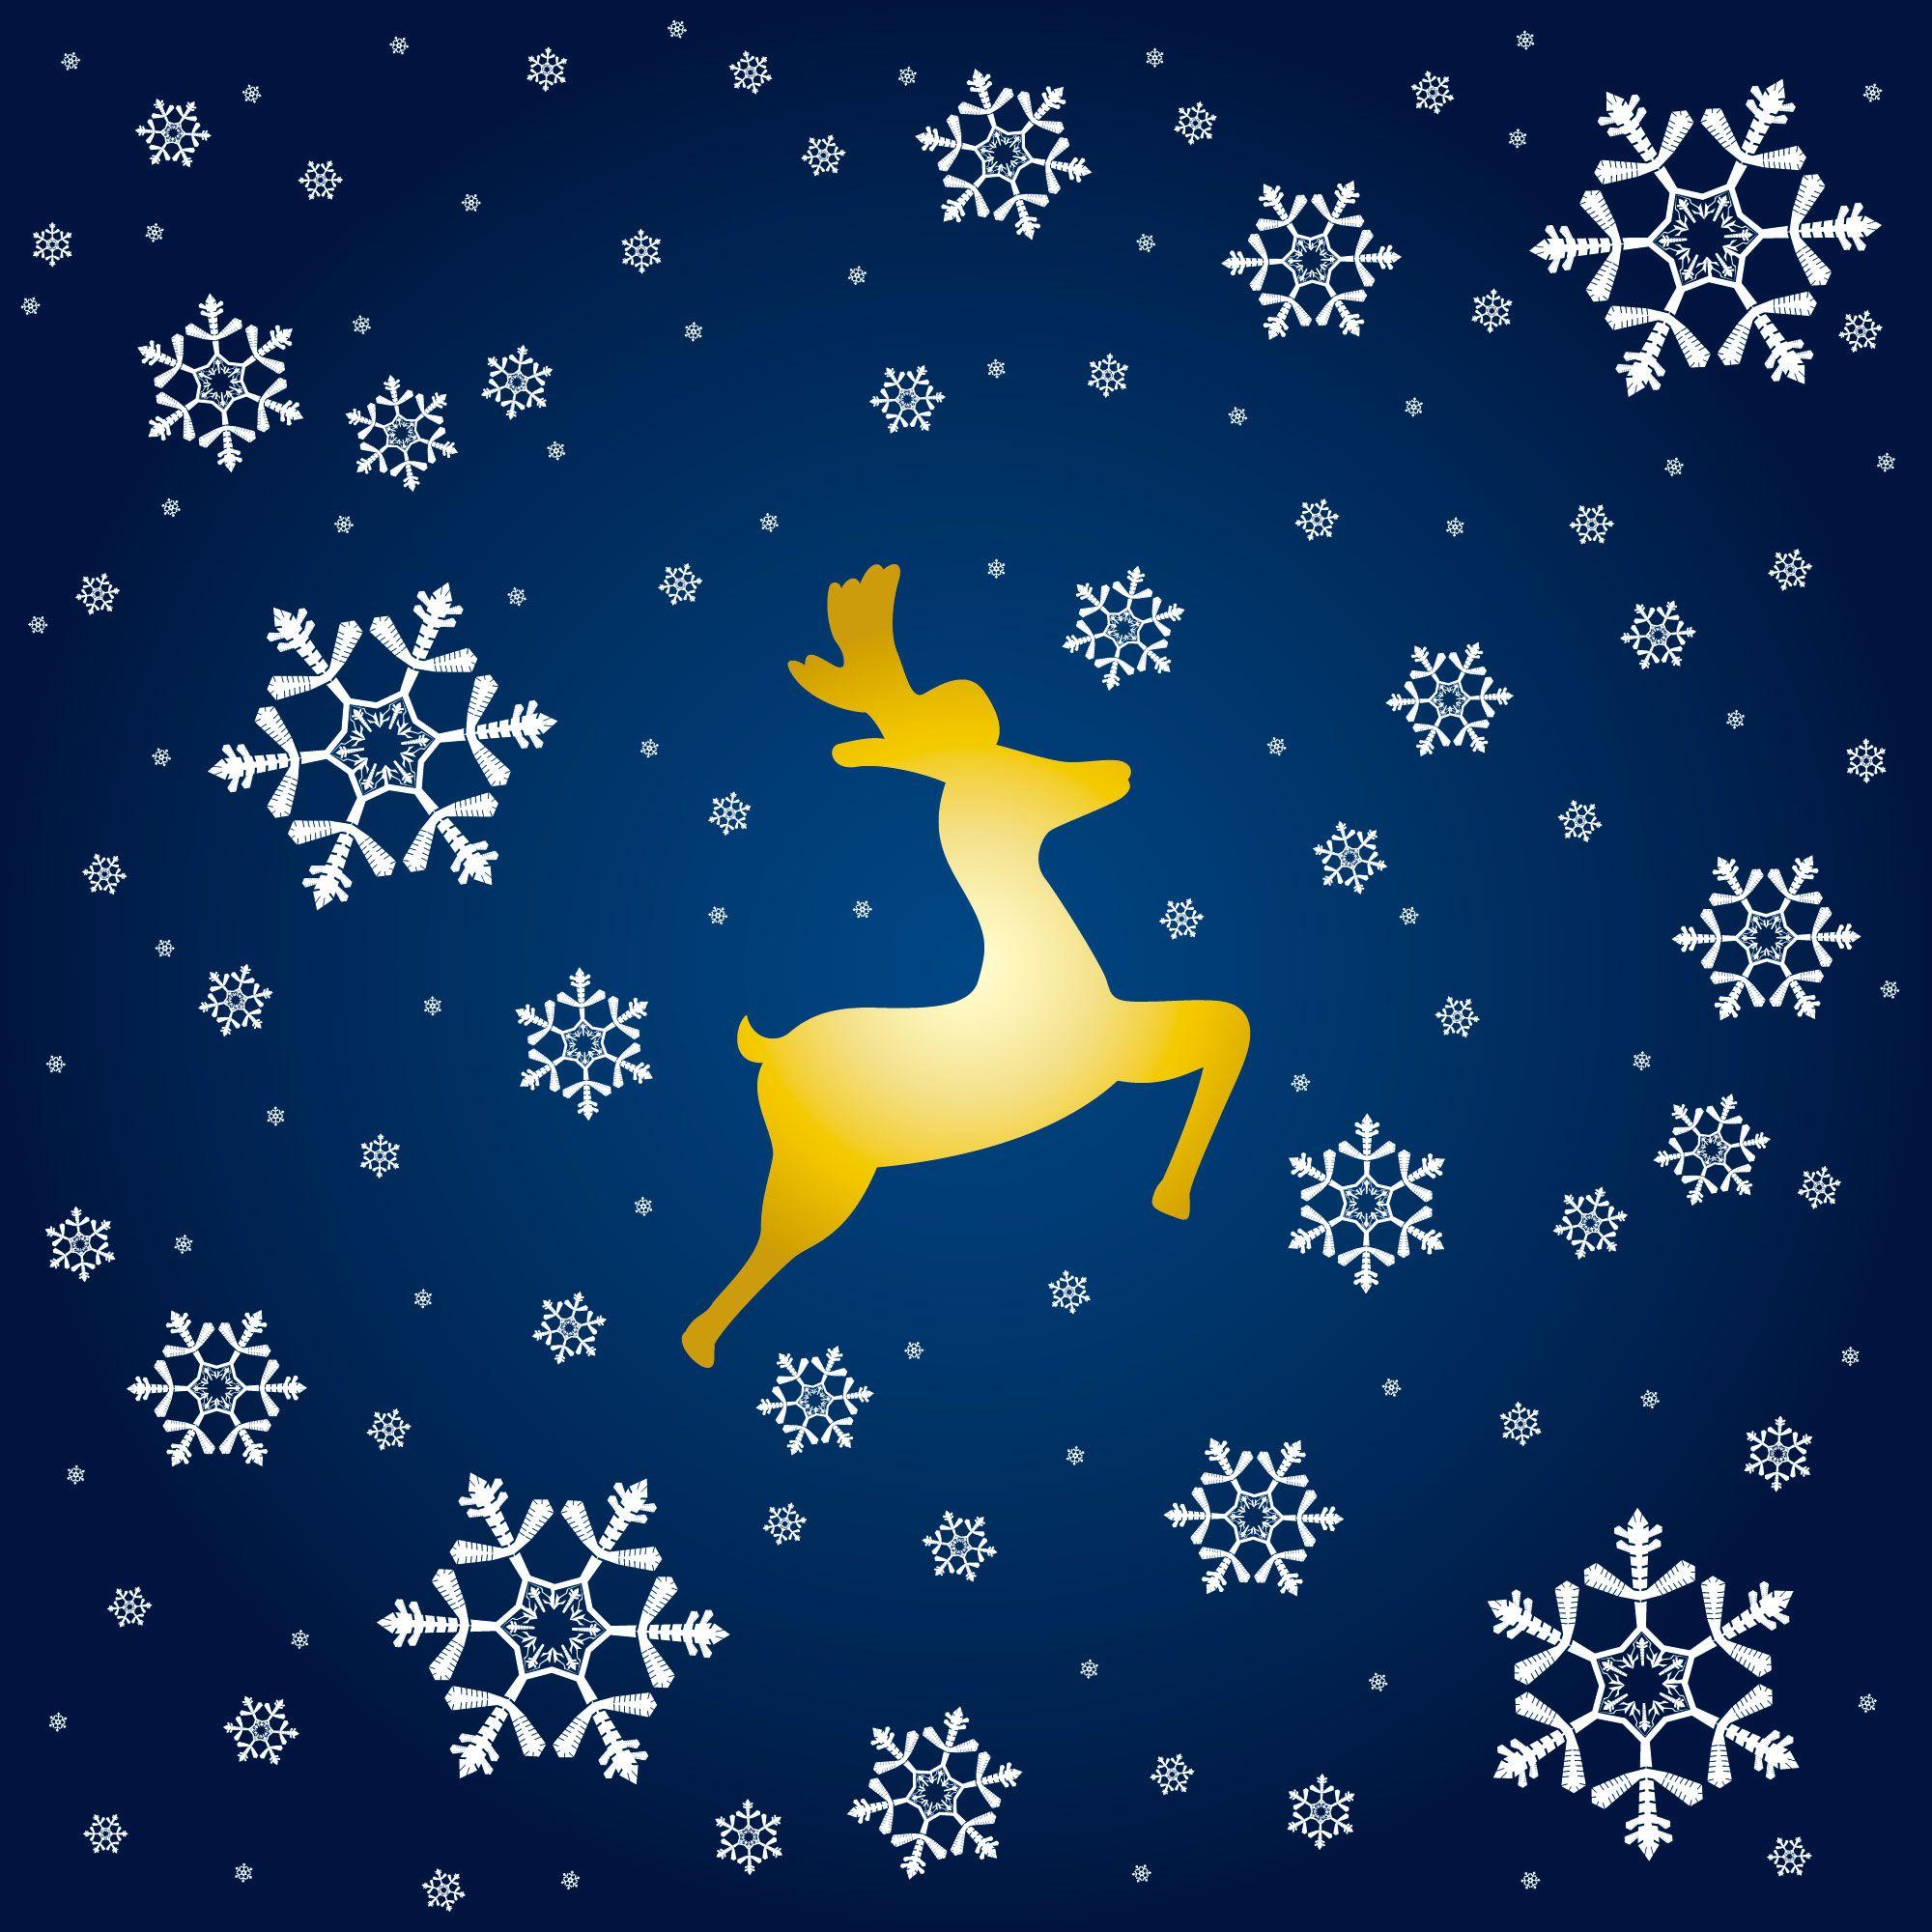 画像サンプル壁紙:雪とトナカイ クリスマス イラスト